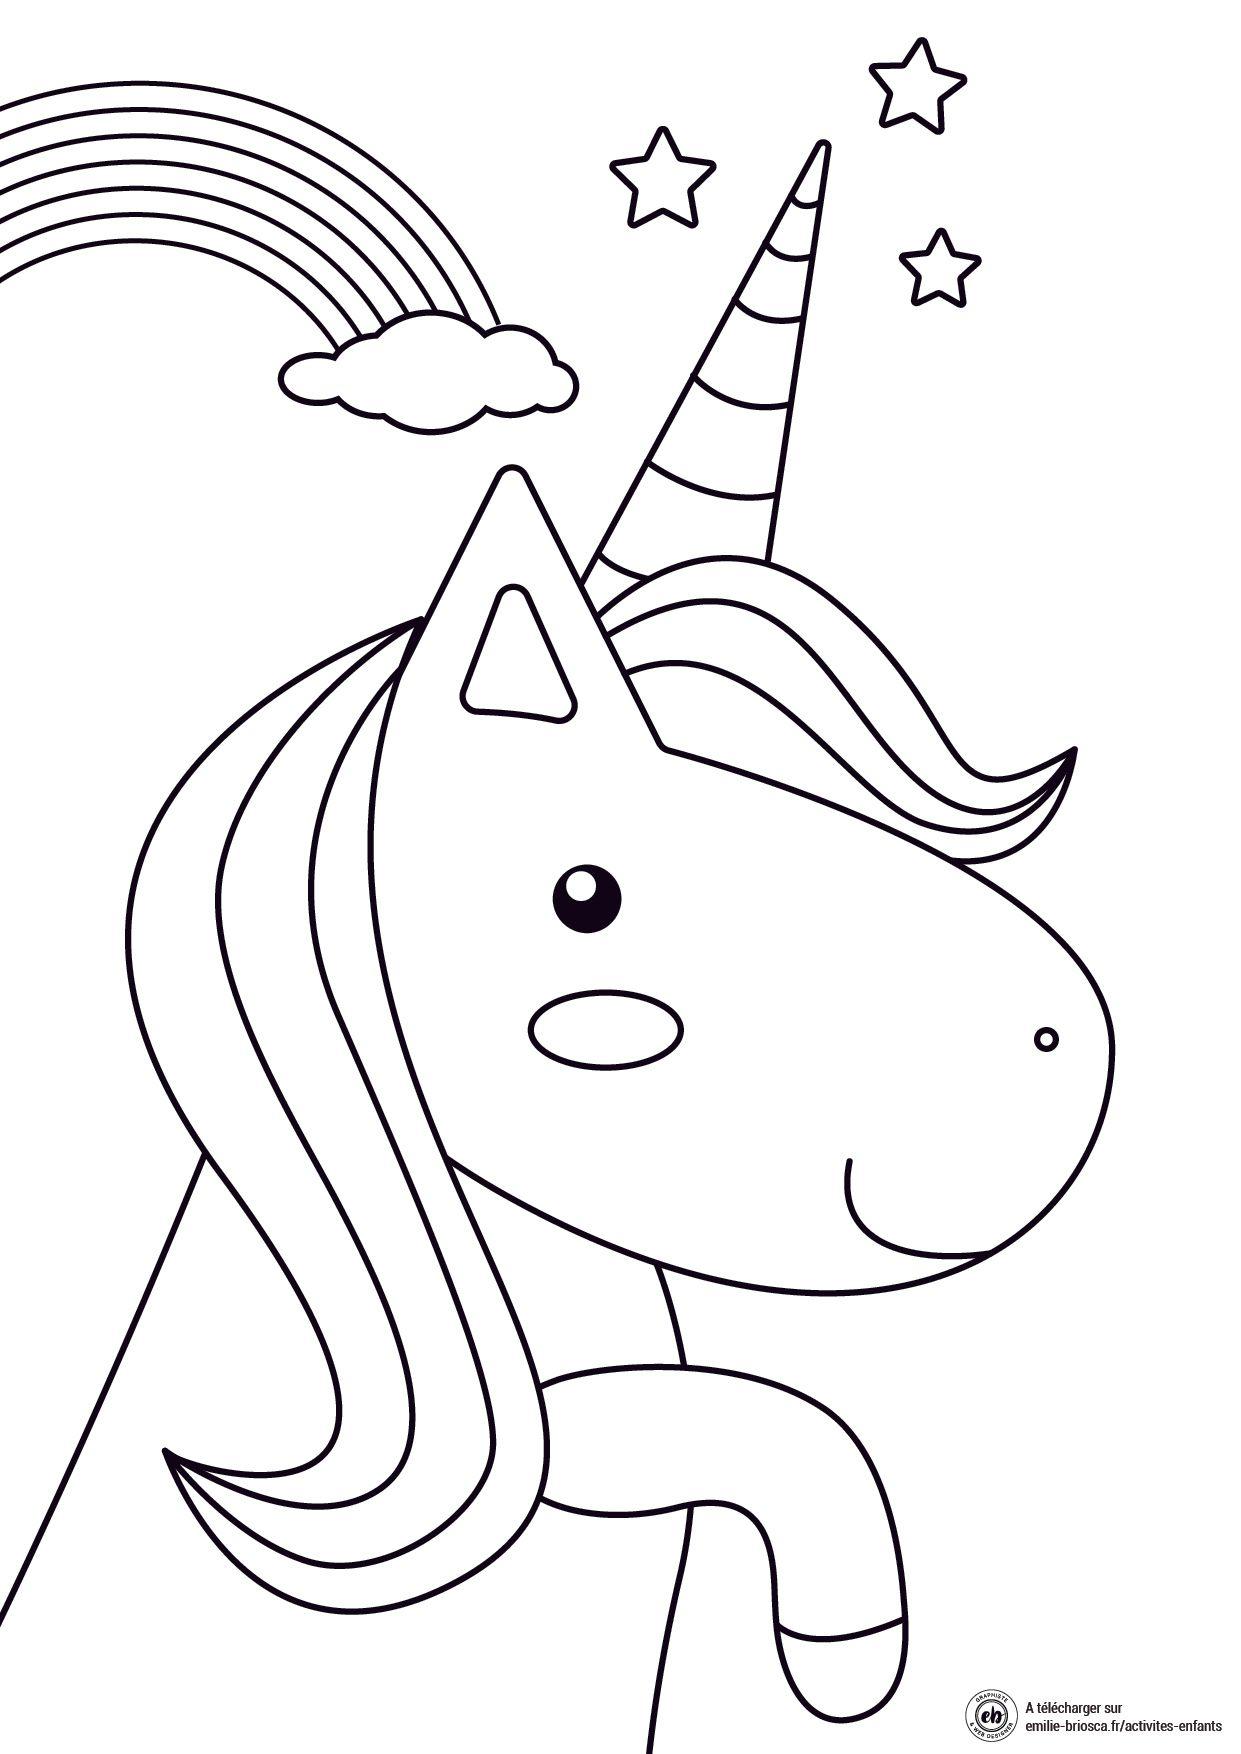 Coloriage pour enfant : licorne et arc en ciel en 2020 ...